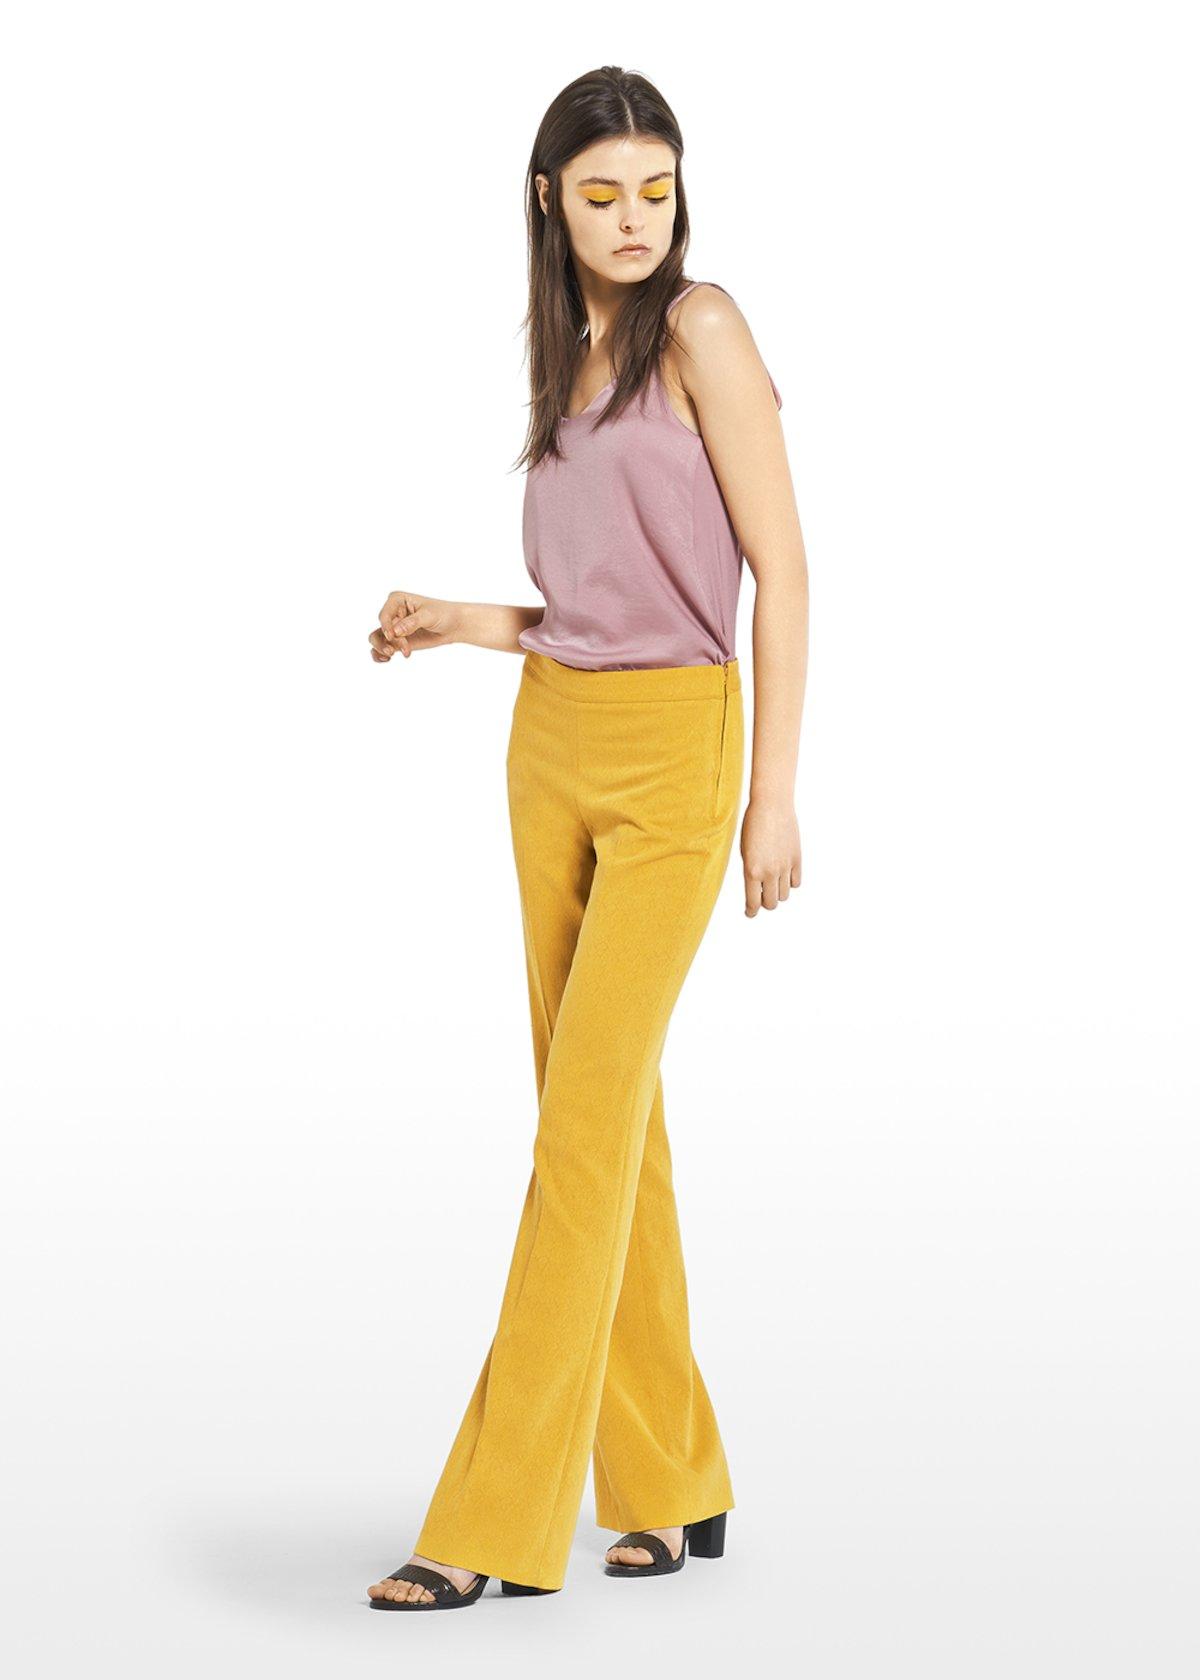 Pico trousers Victoria model jacquard fabric